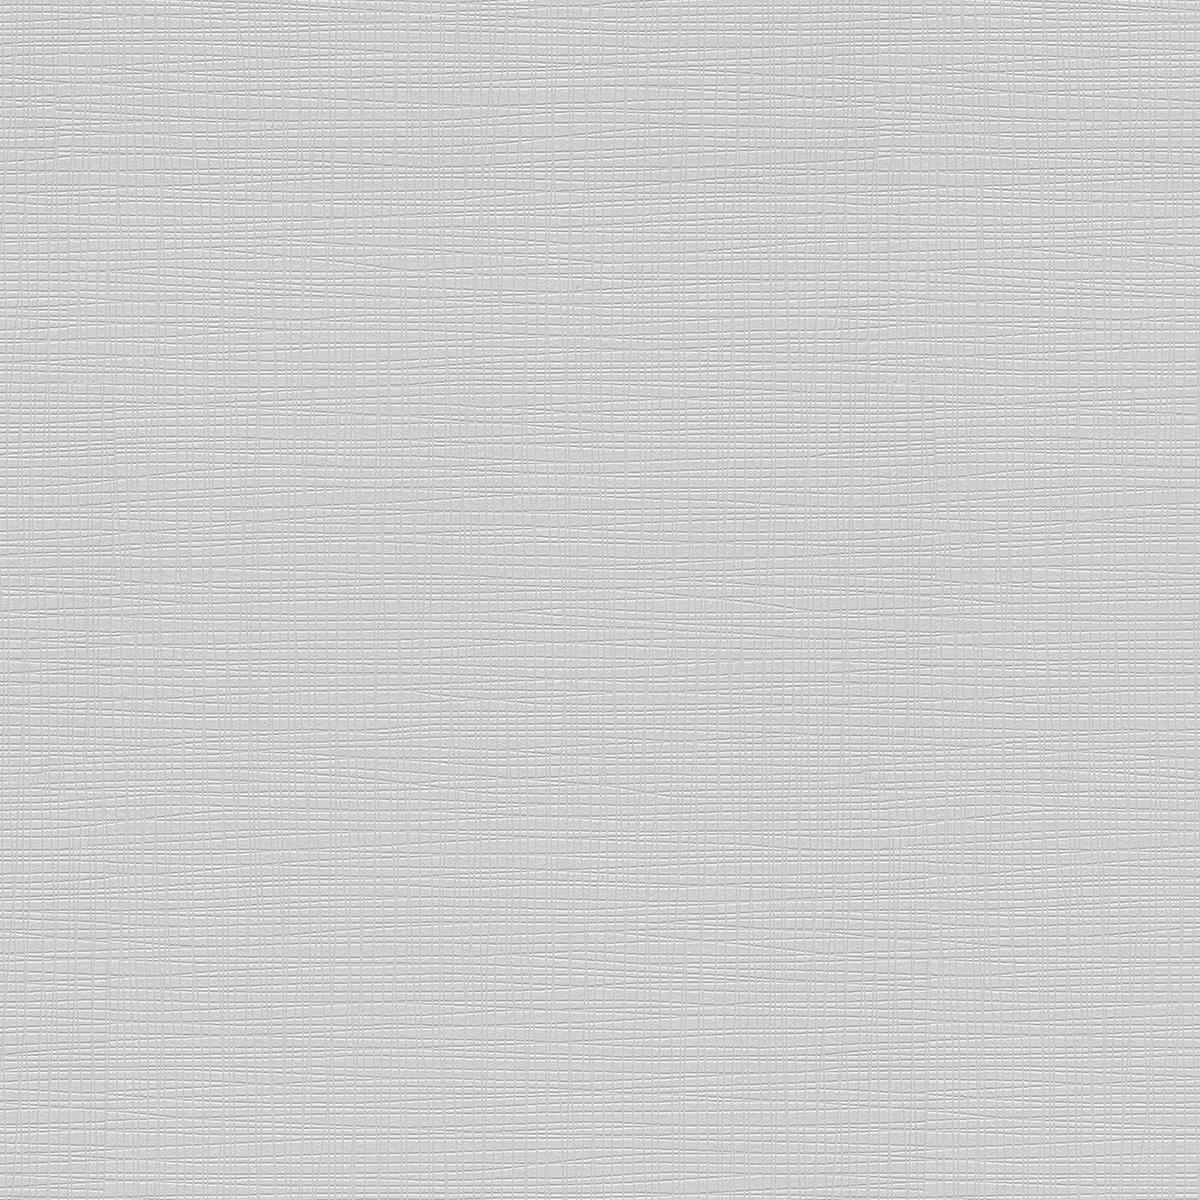 тапет Бестселър 3 мрежа бяло